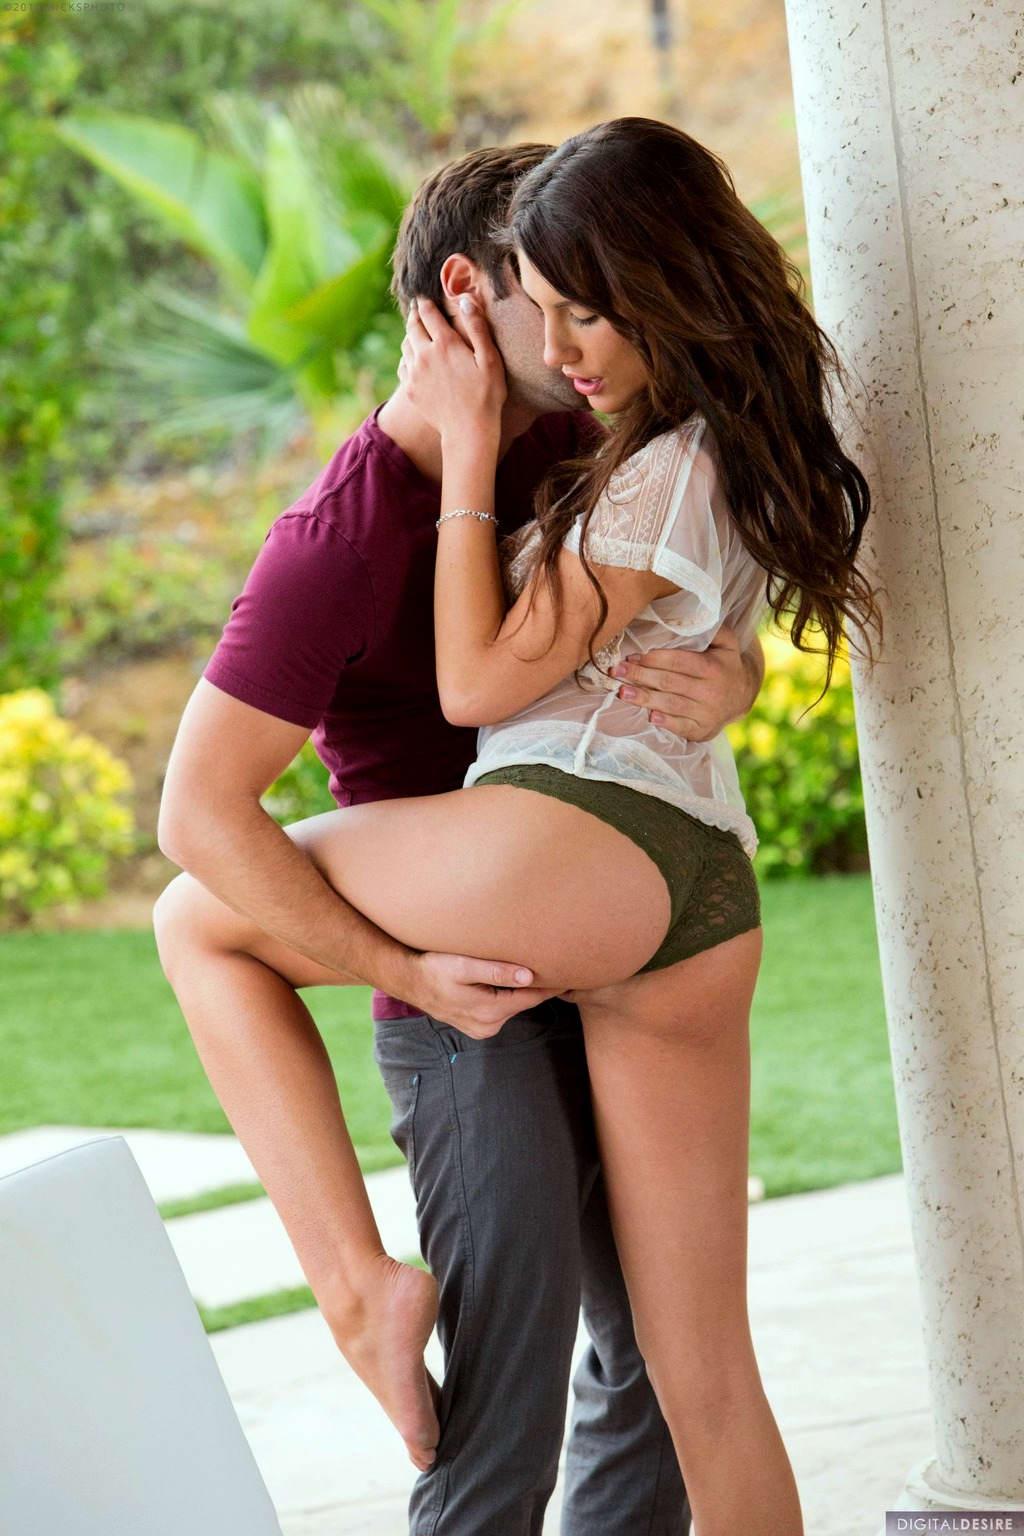 Секс с женой Самые мощные и опасные способы улучшения